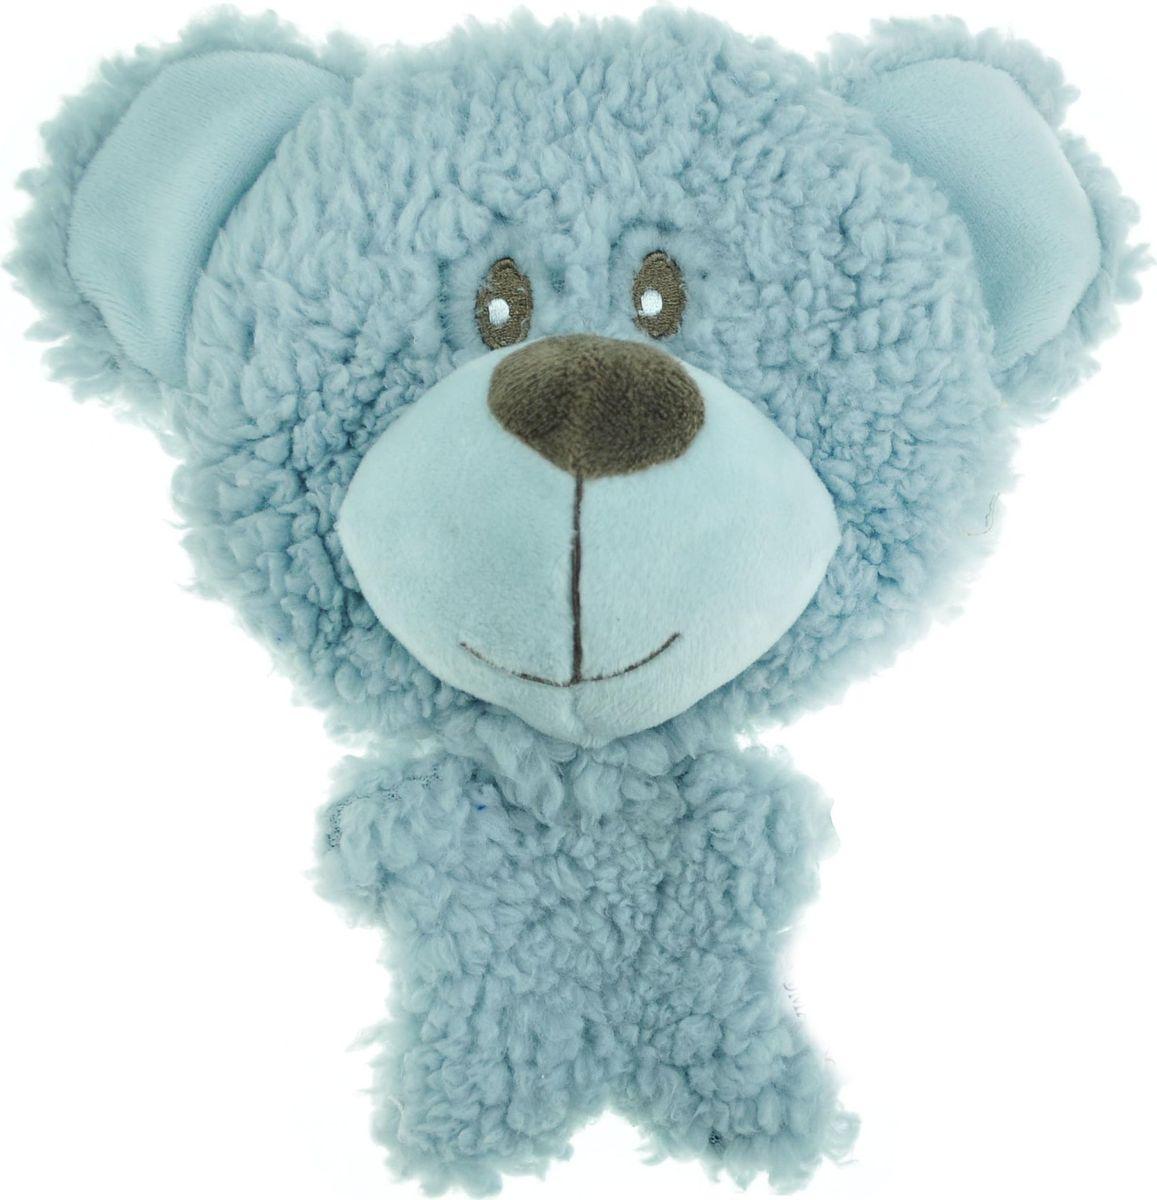 Игрушка для собак Aromadog Big Head. Мишка, цвет: голубой, 12 см0120710Aromadog создал первую в мире интерактивную игрушку с натуральным эфирным маслом.В конструкции игрушки имеется пищалка с наполнителем пропитанным маслом лаванды. При каждом нажатии на игрушку аромат высвобождается.При изготовлении используется эфирное масло лаванды 100% терапевтической чистоты.Запатентованная технология для стойкого аромата.Использование игрушки рекомендовано ветеринарными врачами.Корректирует поведение питомца.Успокаивает. Борется с гиперактивностью.Использование игрушки рекомендовано собакам со следующими поведенческими проблемами:Разлука с хозяином: Пожалуйста, не уходи!Беспокойство по ночам: Почему все спят?Визит к ветеринарному врачу: Эти неизвестные и пугающие запахи!Боязнь грома и петард: Эти звуки меня пугают!Питомцы из приюта: Они полюбят меня?Скука: О! Новая игрушка, как хорошо. Спокойствие, баланс….